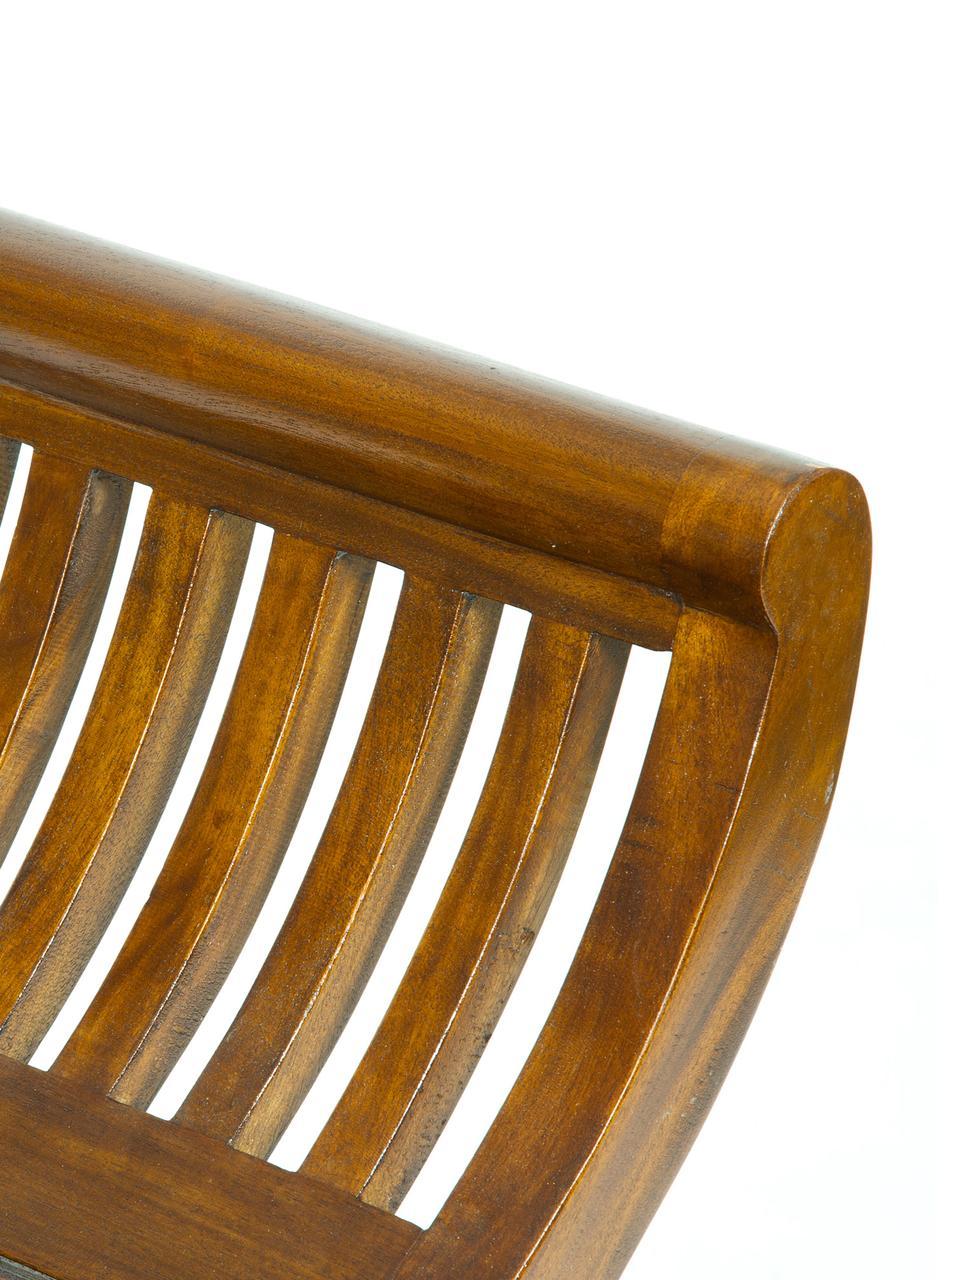 Stołek z podłokietnikami Charleston, Drewno akacjowe, barwione, lakierowane, Ciemny brązowy, S 60 x W 60 cm